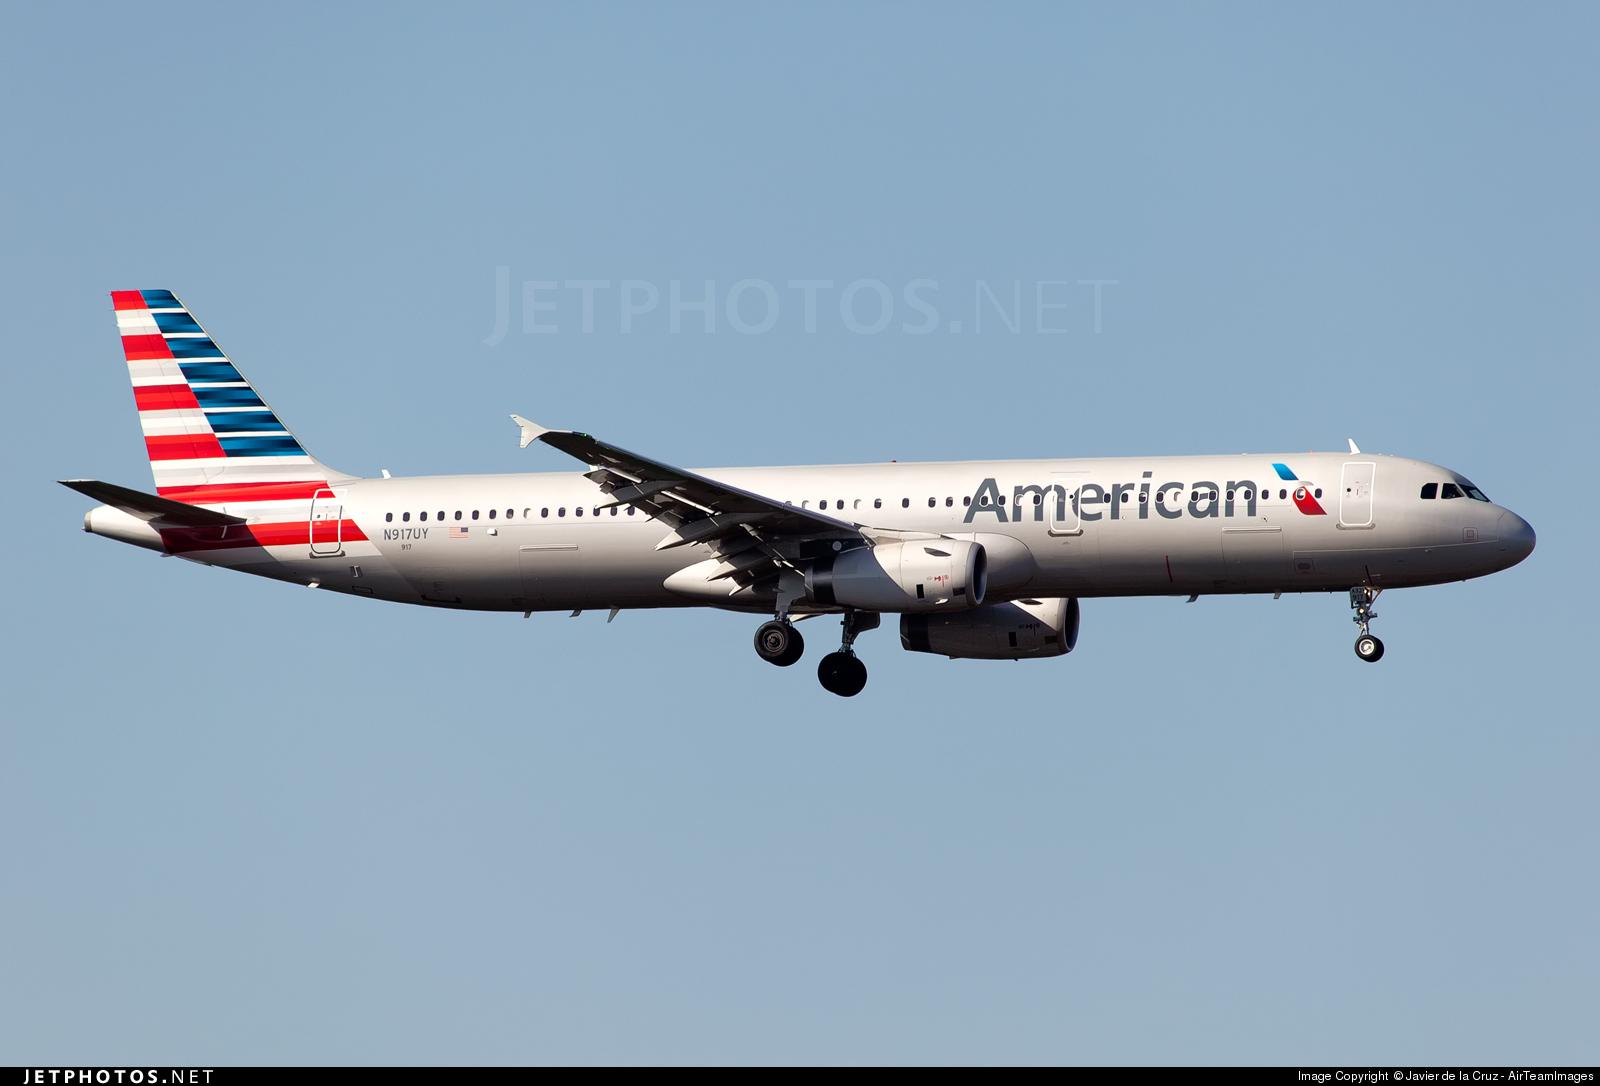 N917uy Airbus A321 231 American Airlines Javier De